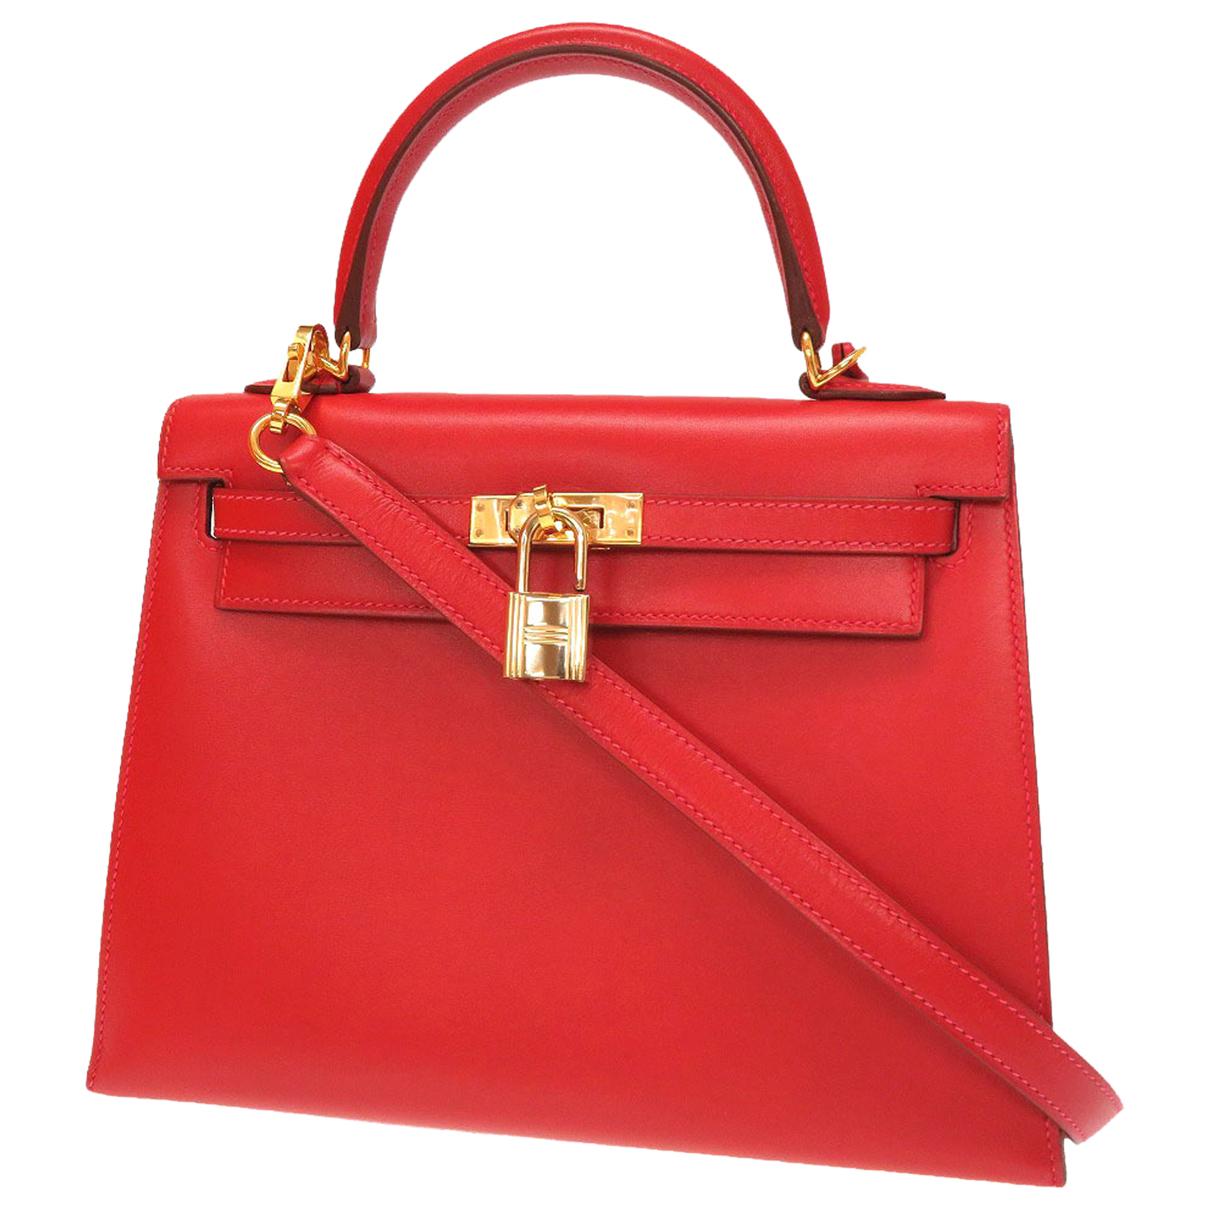 Hermes - Sac a main Kelly 25 pour femme en cuir - rouge